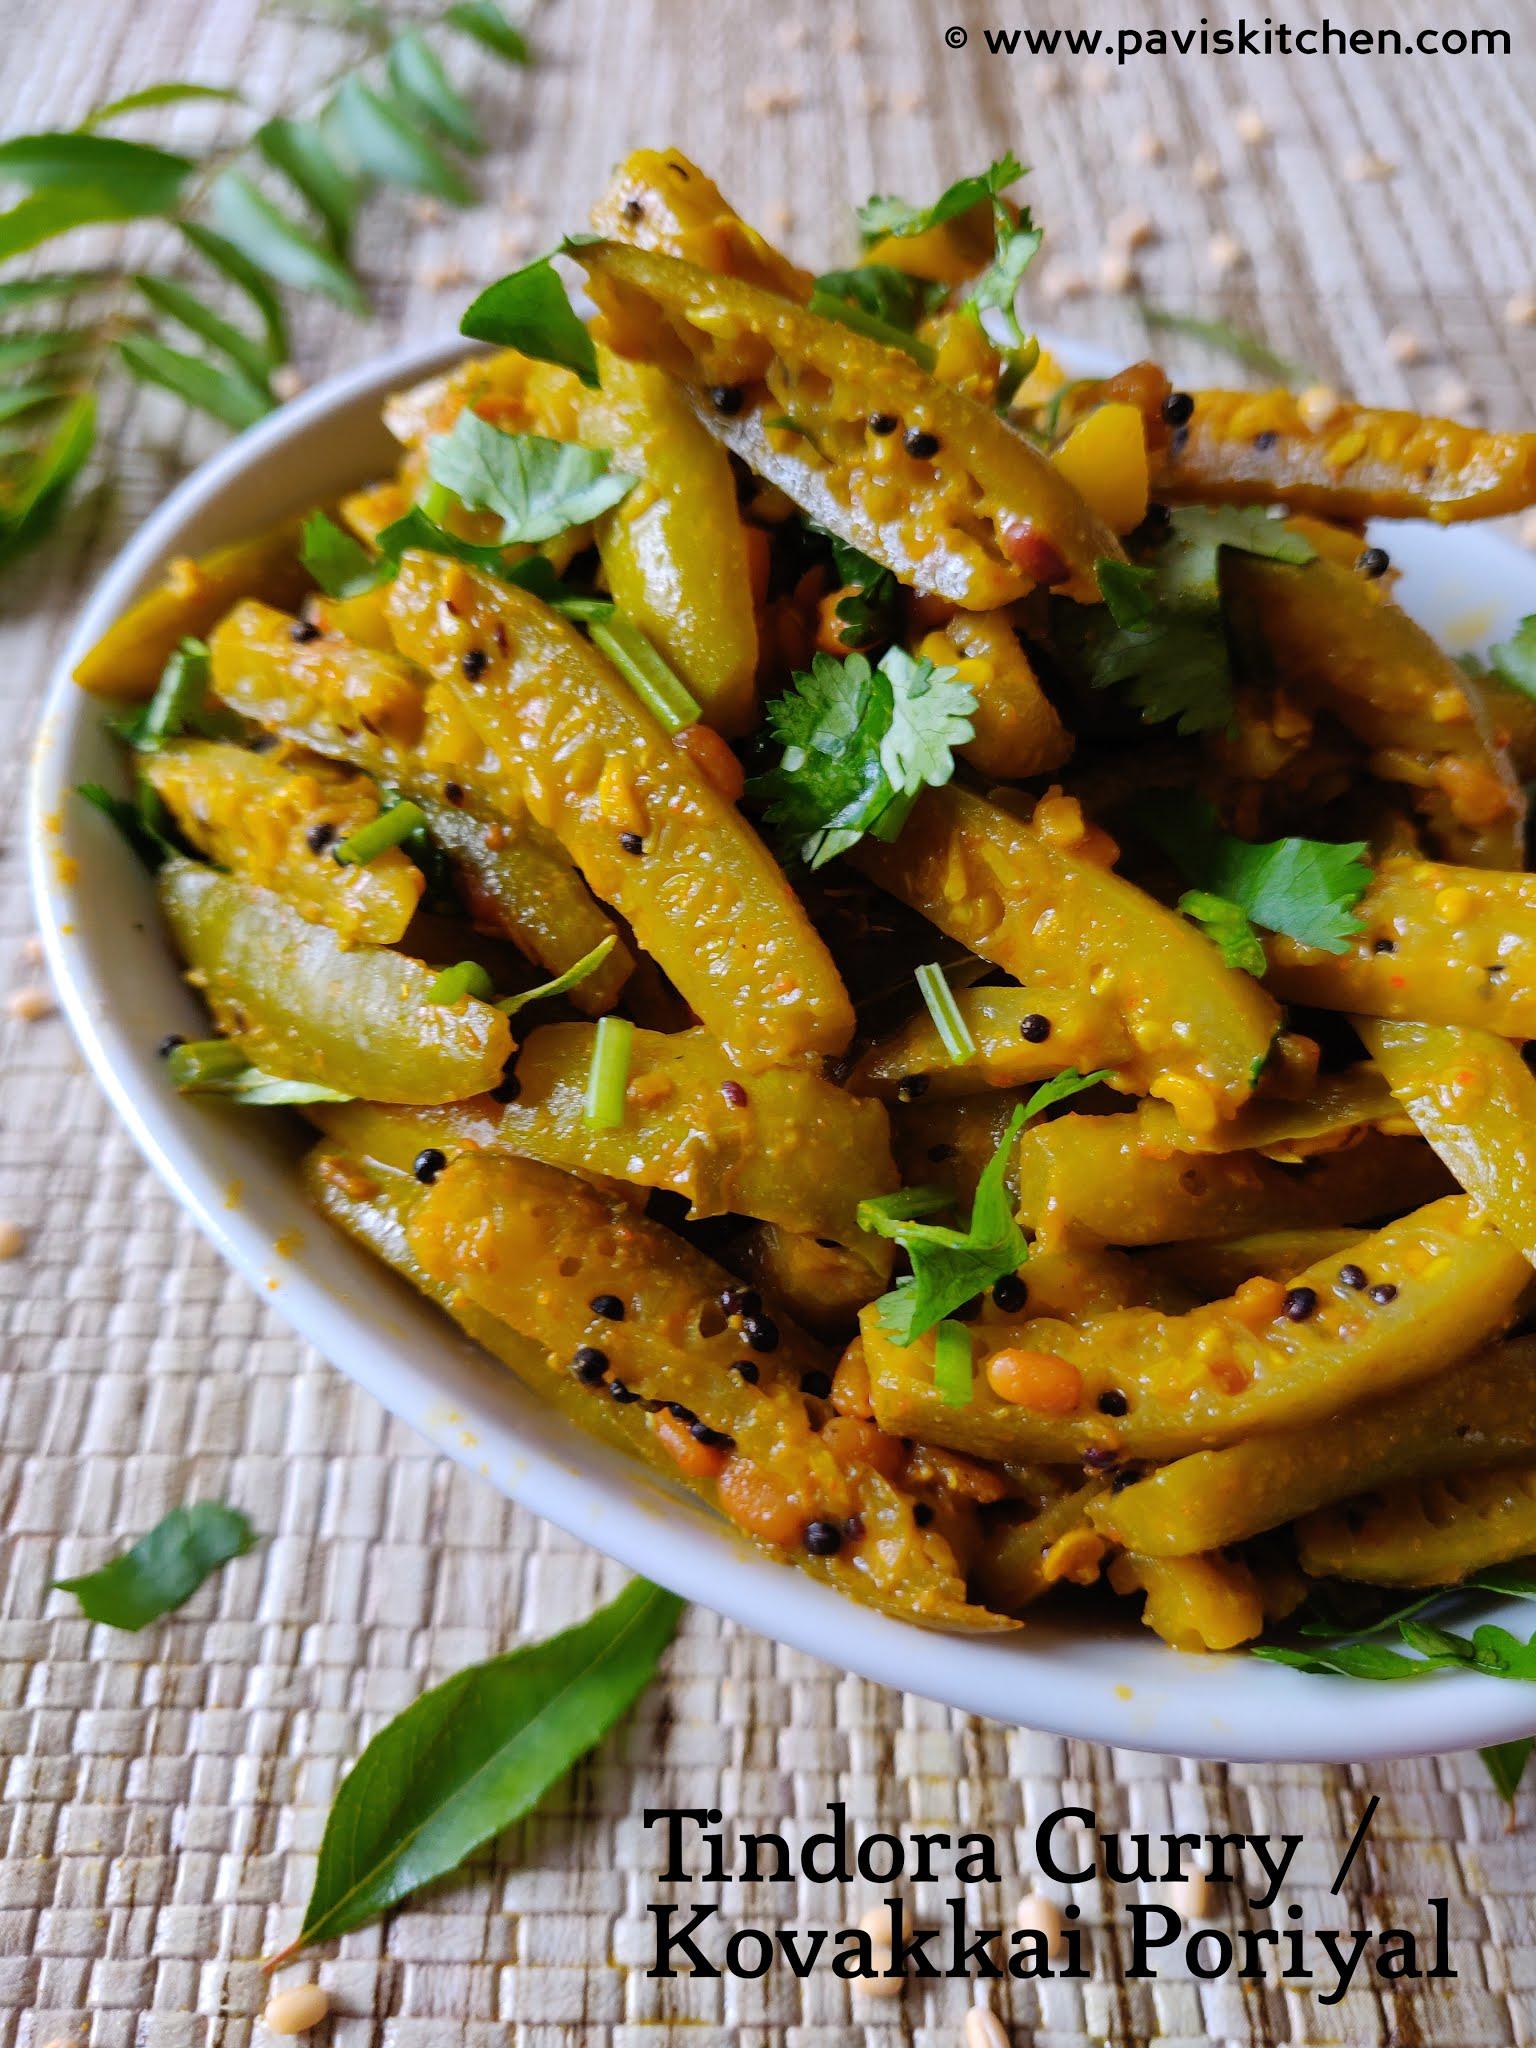 Kovakkai poriyal recipe | Thondekai palya recipe | Kovakkai fry recipe | Tindora fry